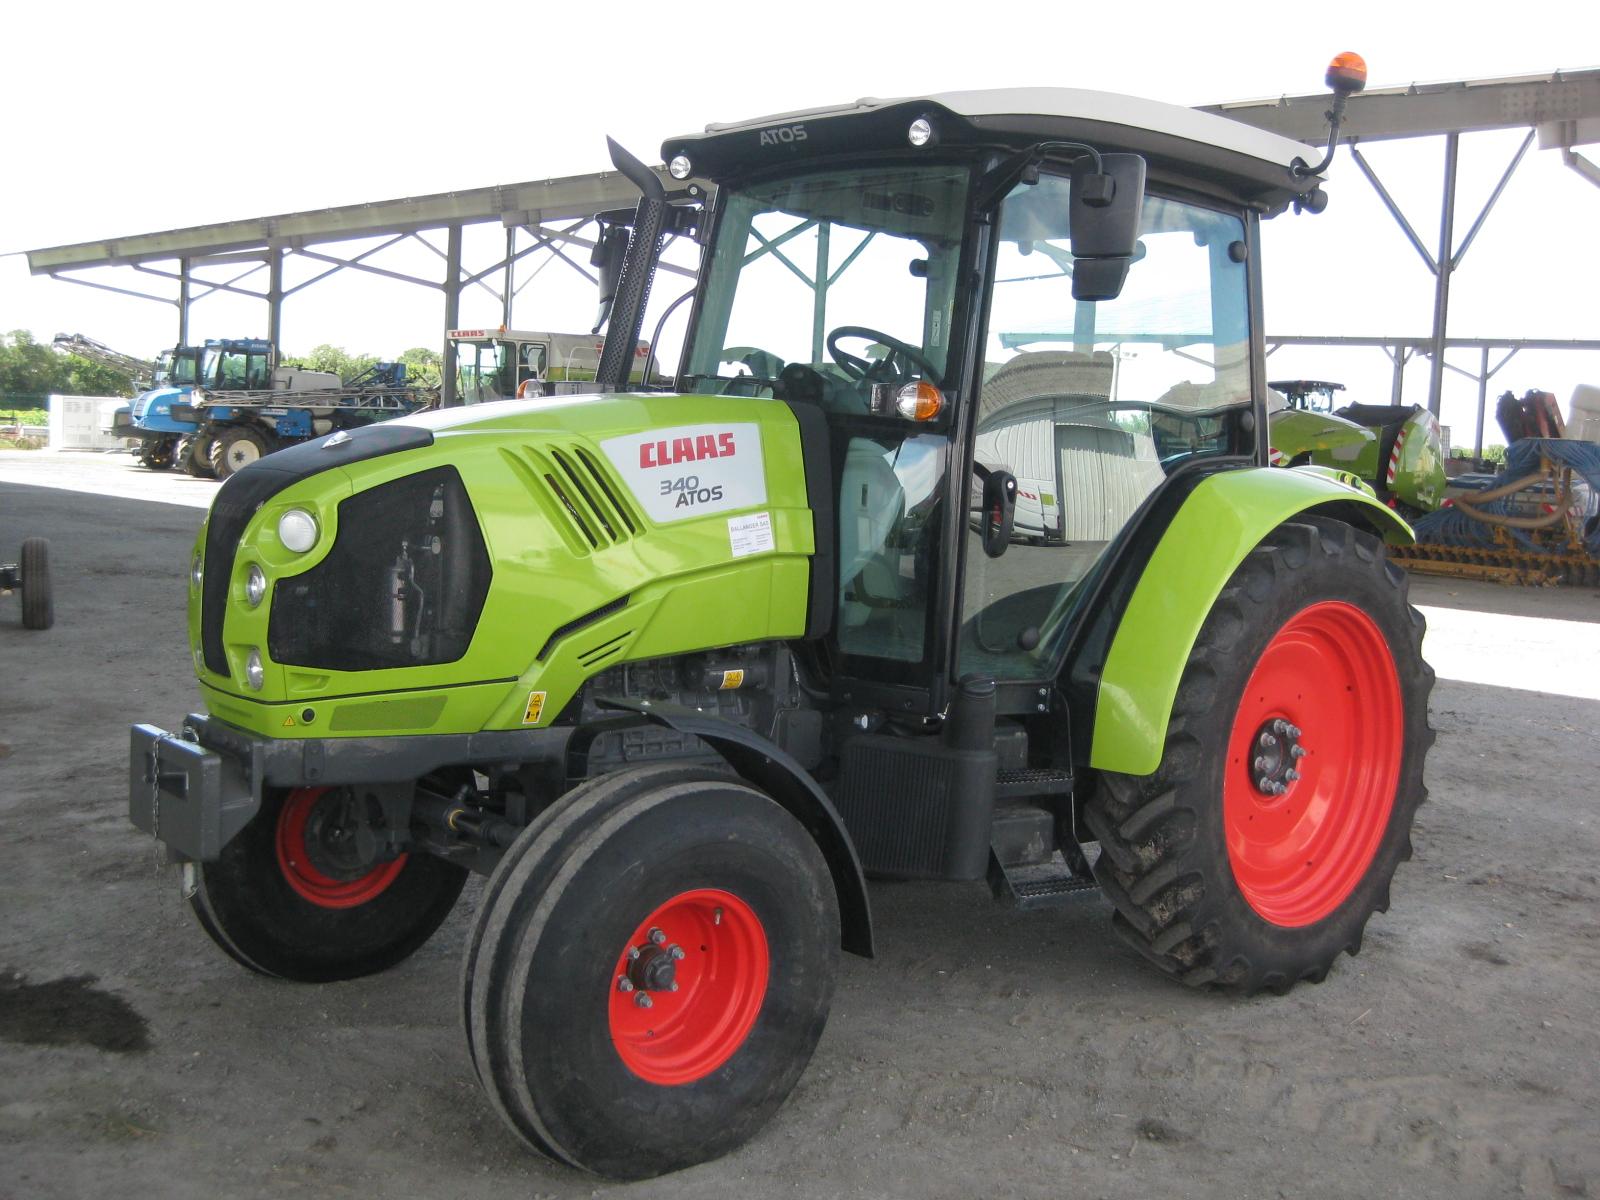 CLAAS - ATOS 340